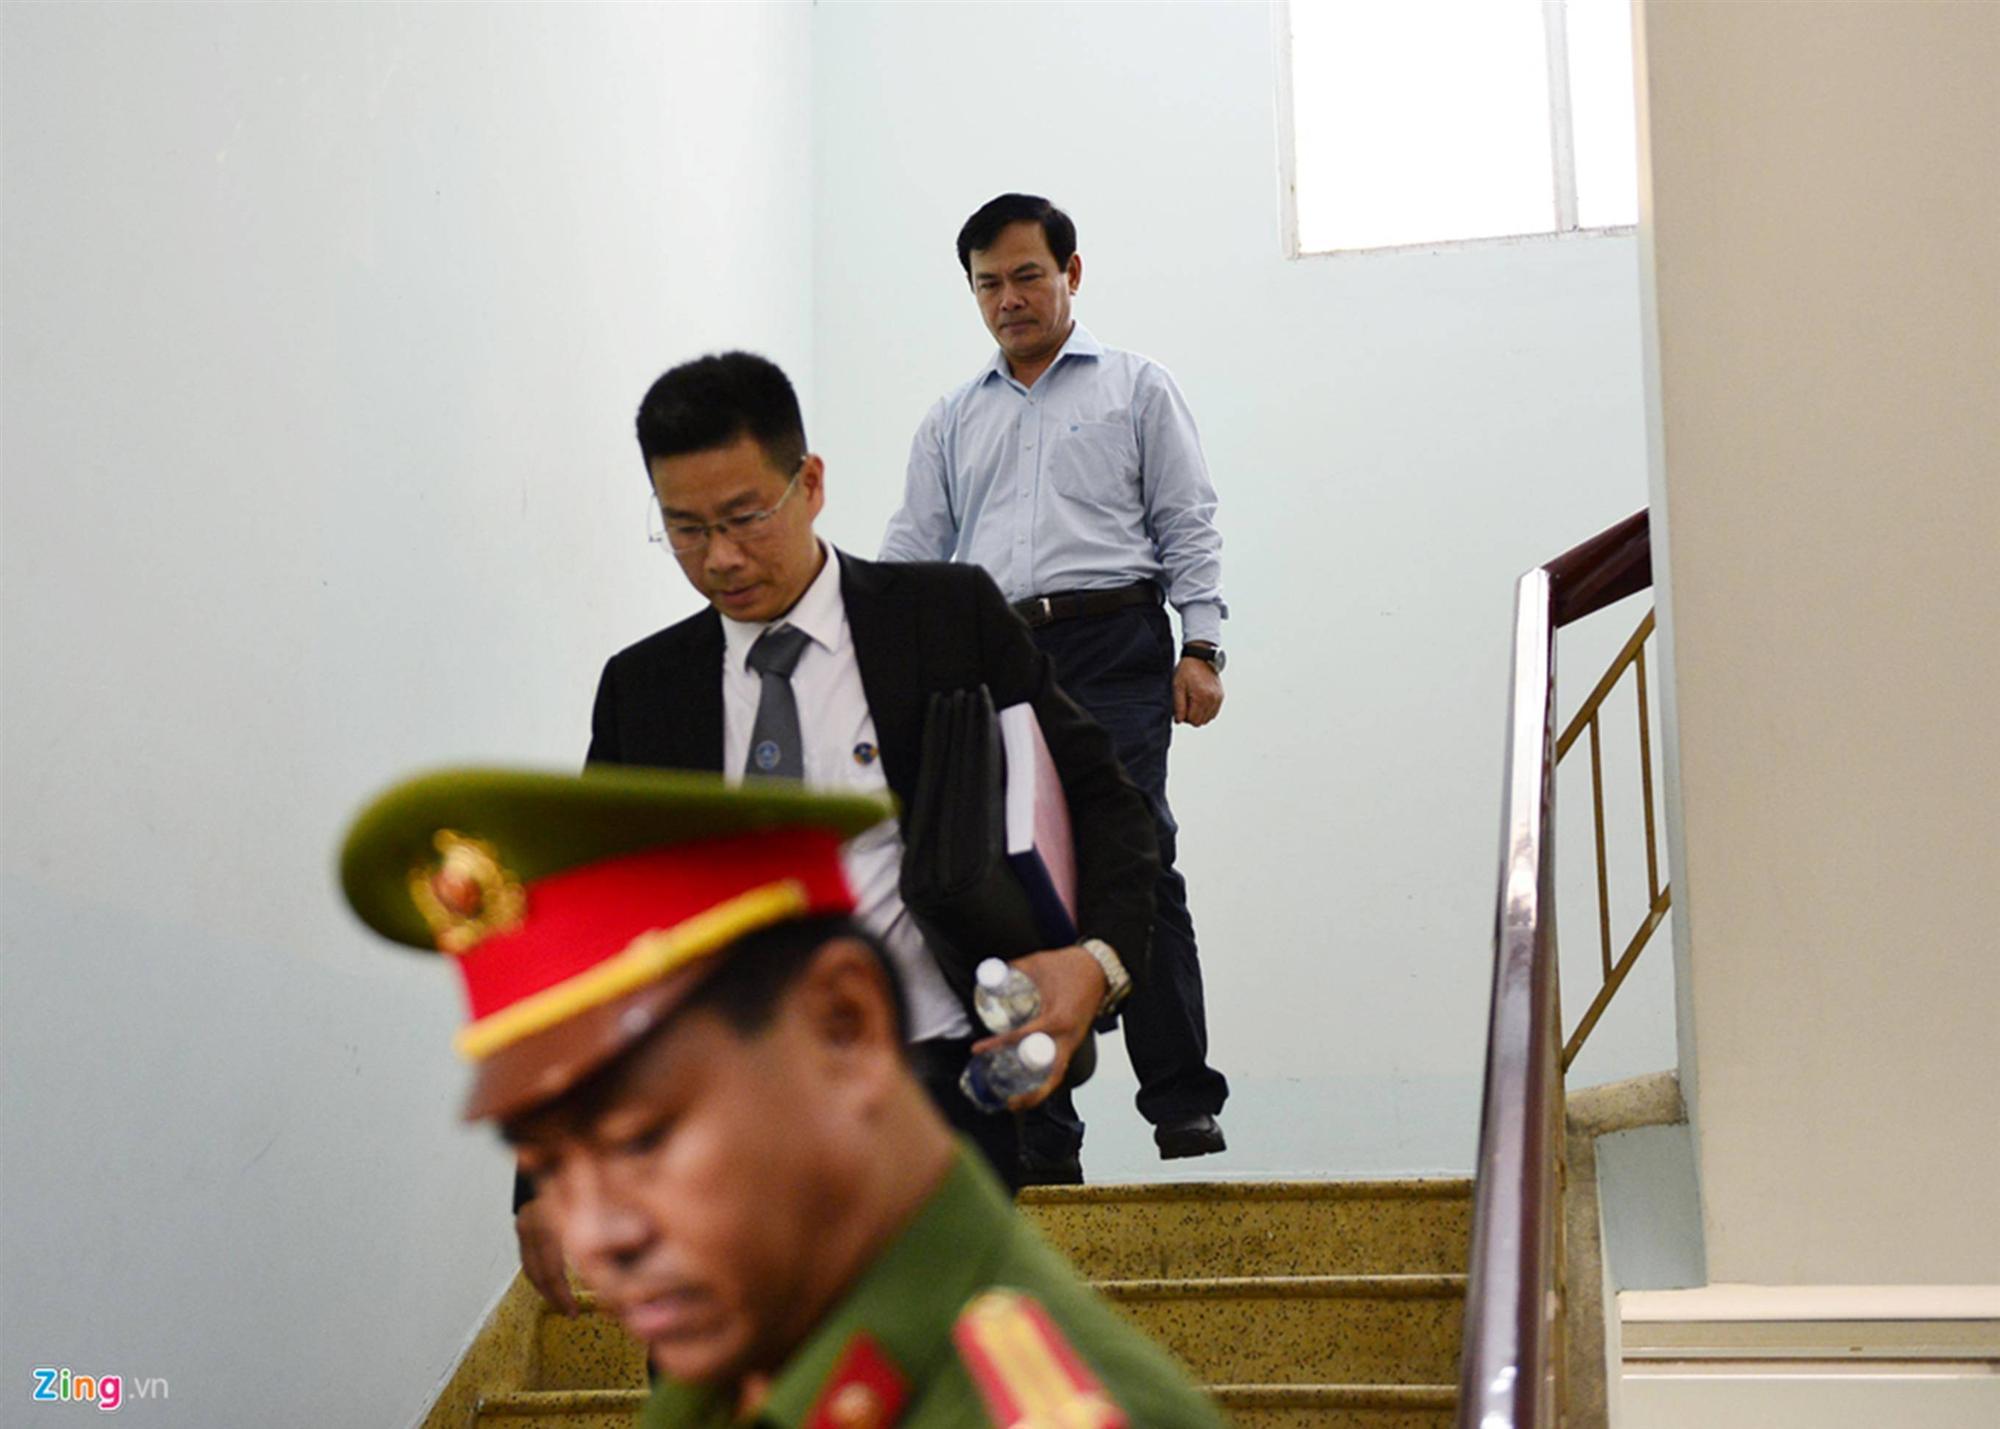 Hàng chục cảnh sát hộ tống Nguyễn Hữu Linh rời tòa-1